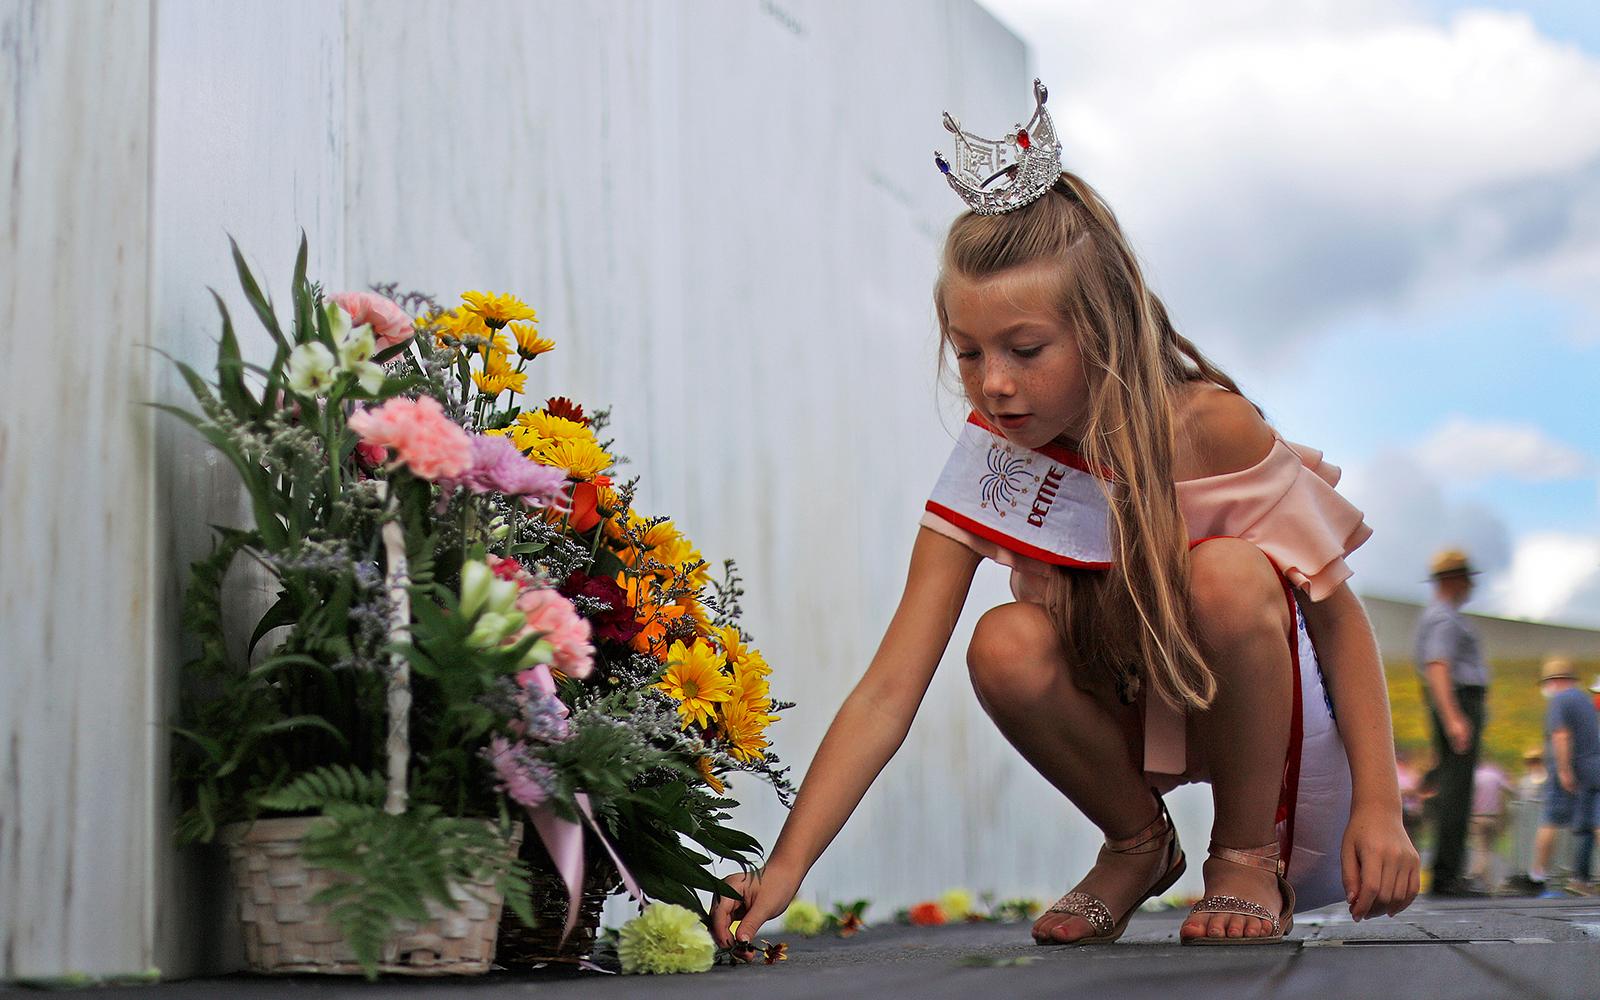 Biden observes 9/11 anniversary at Flight 93 memorial in Shanksville